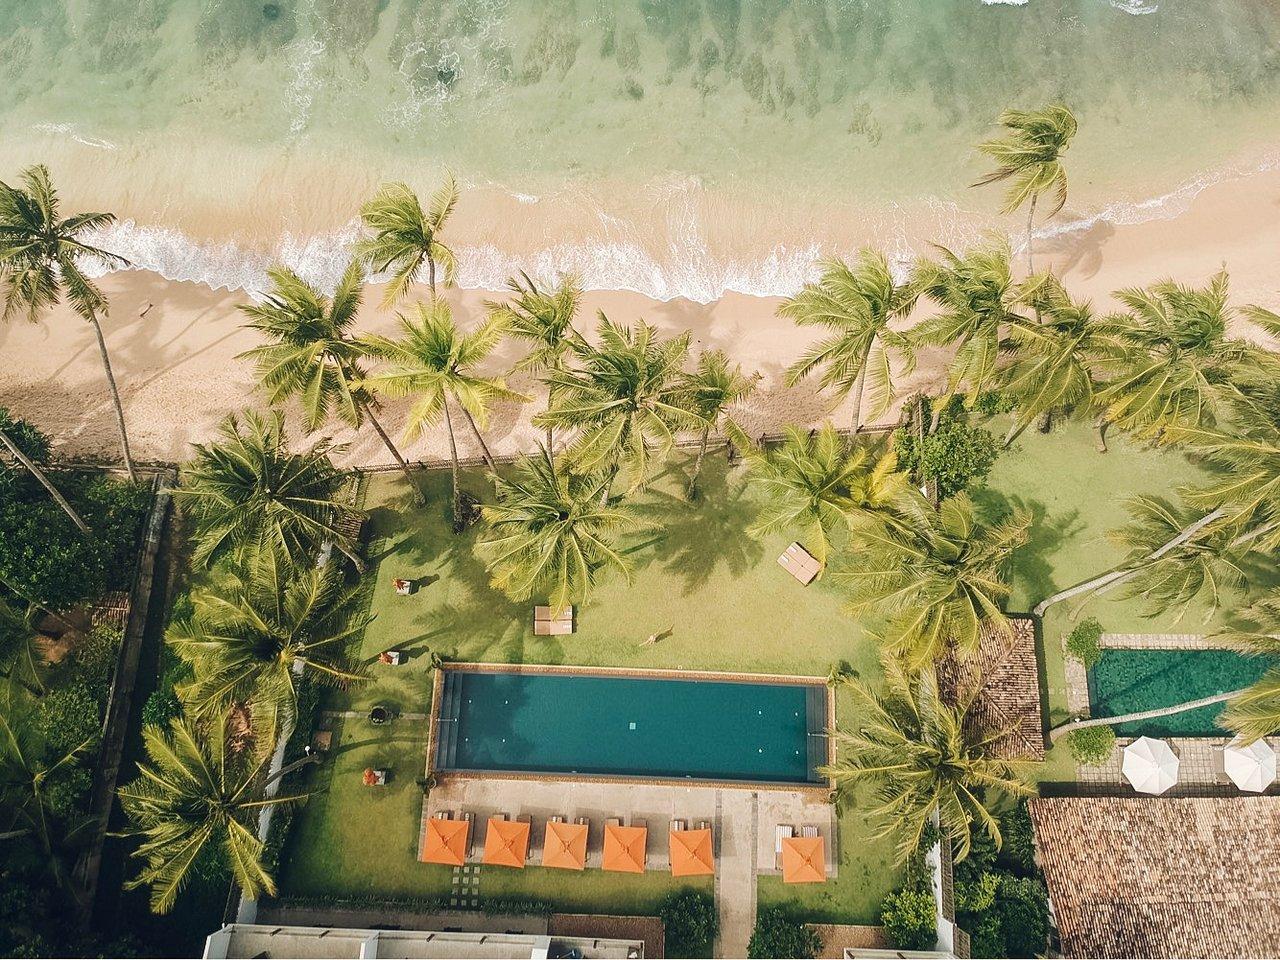 dd90a4c1 KK BEACH (Unawatuna, Sri Lanka) - Hotell - anmeldelser og prissammenligning  - TripAdvisor